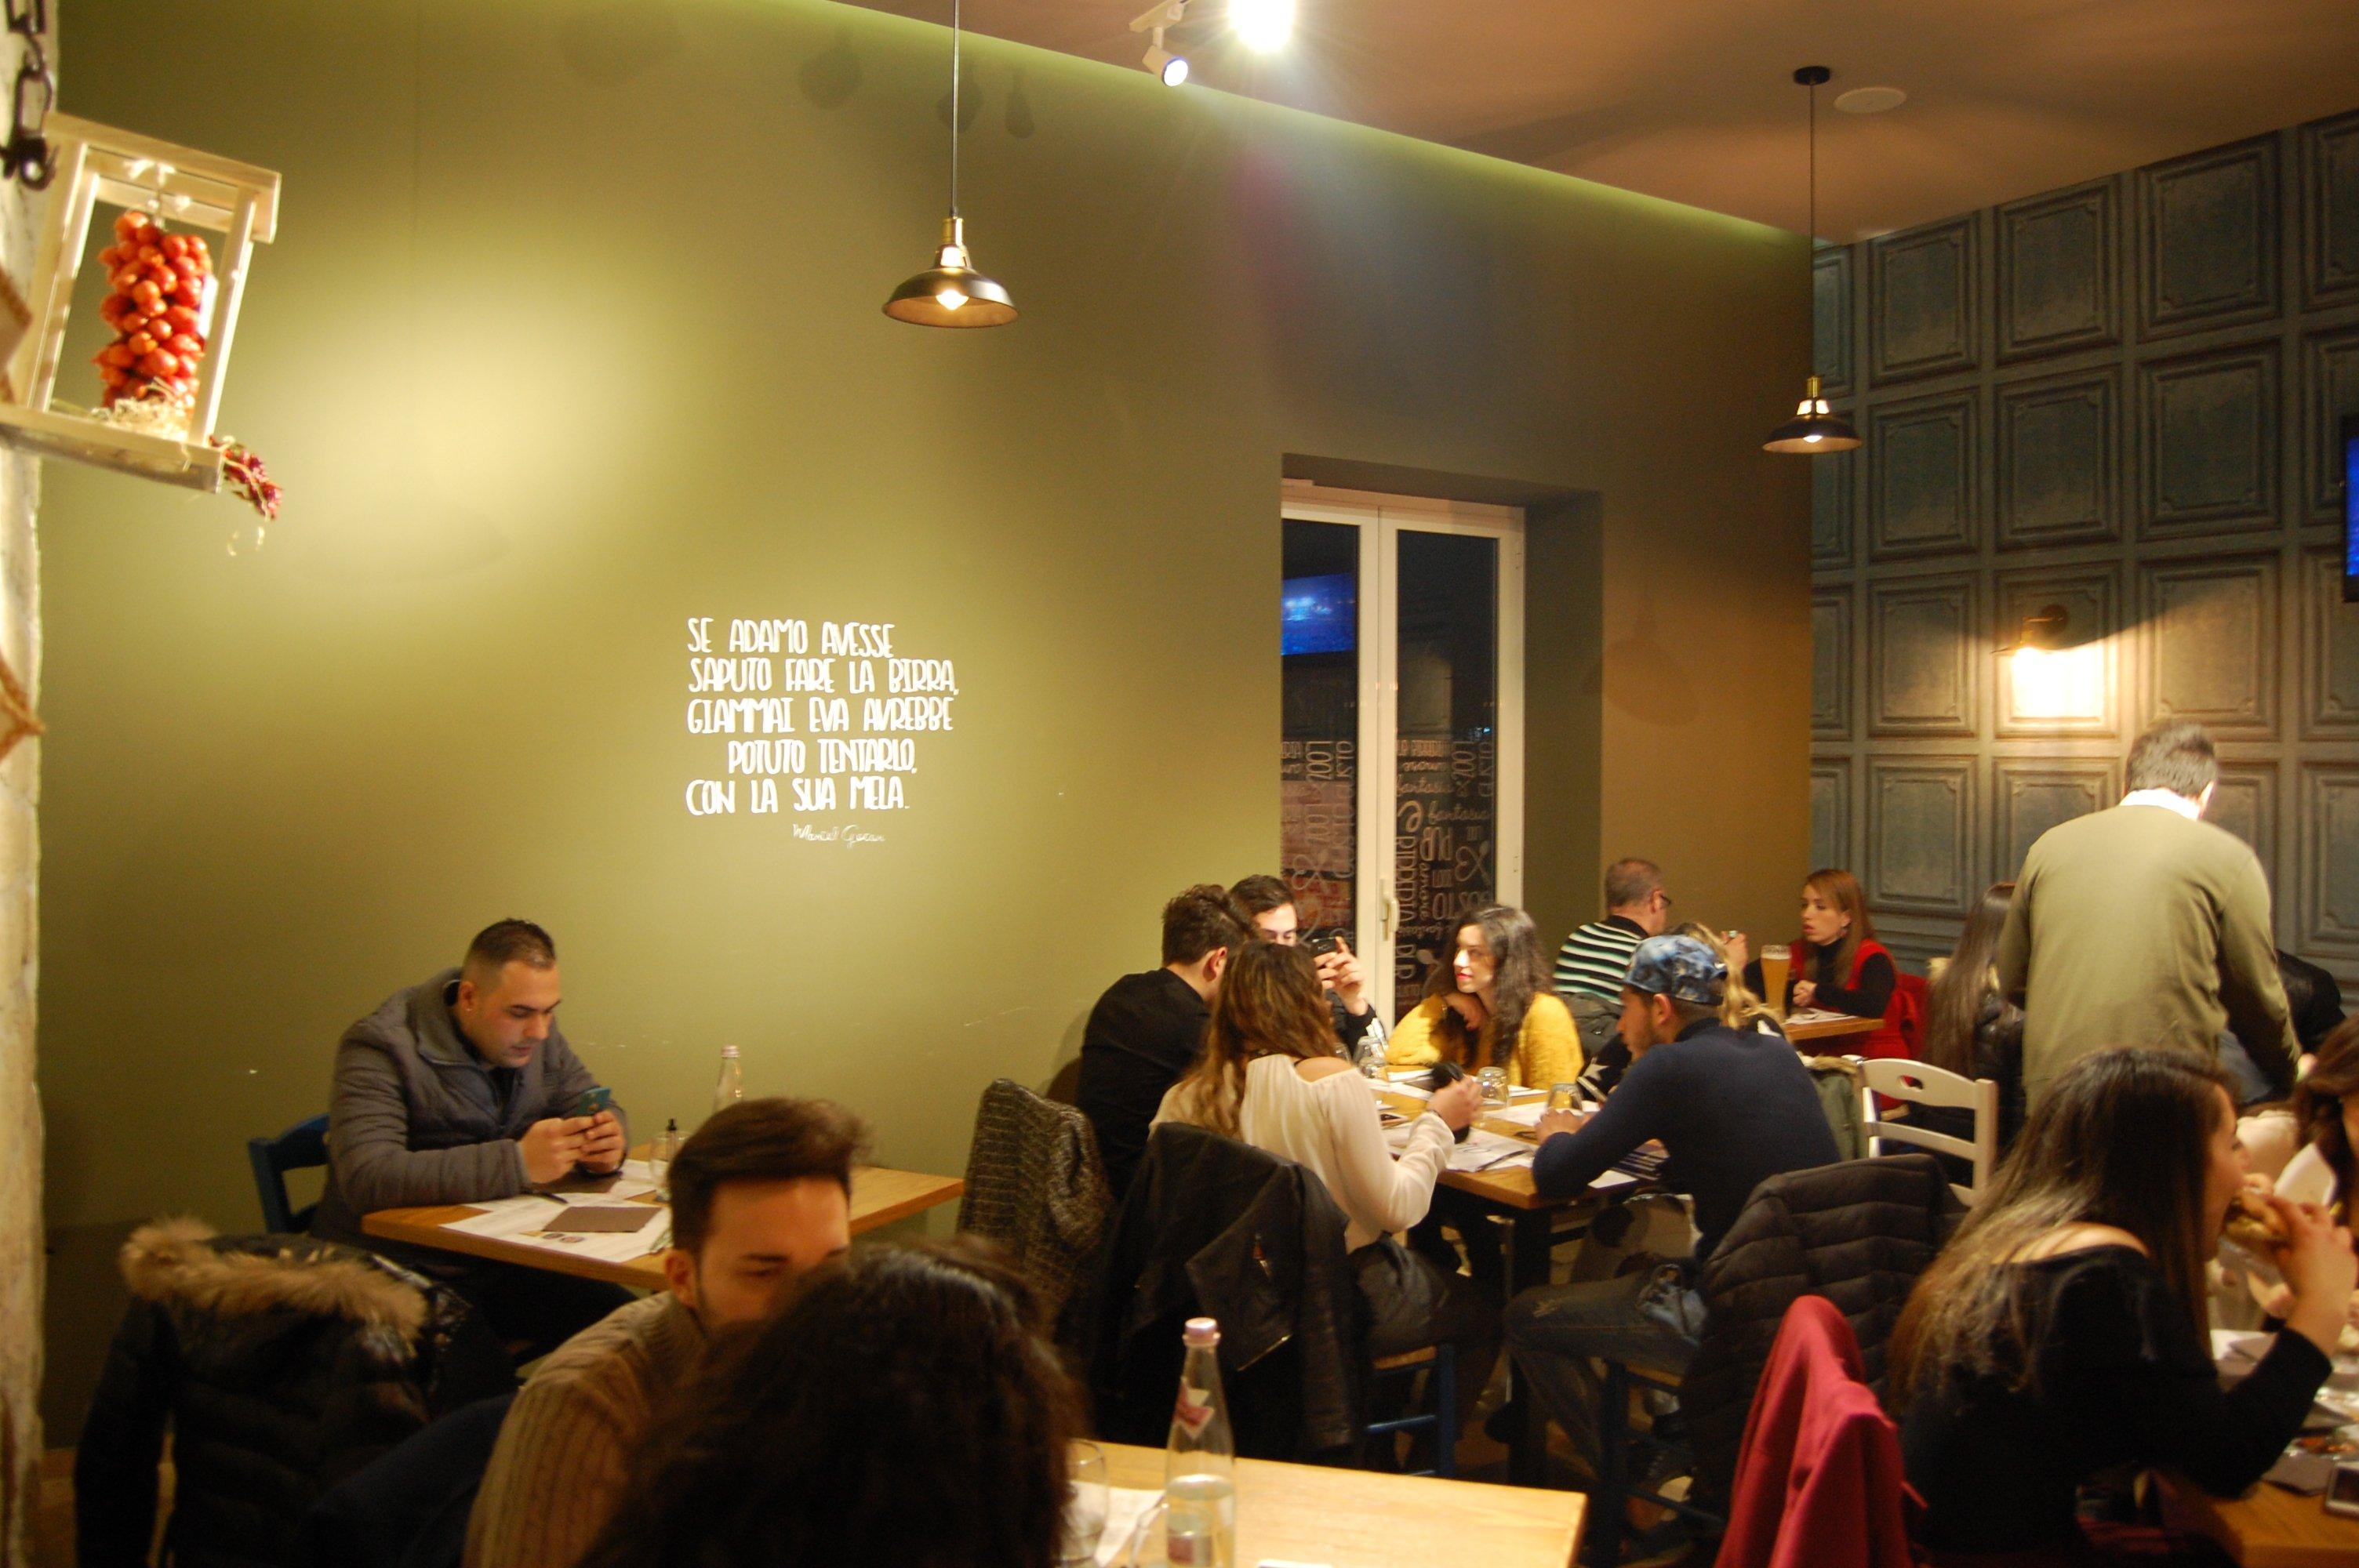 sala con i tavoli con muri verdi, condizionatore e finestre che permettono di vedere all'esterno